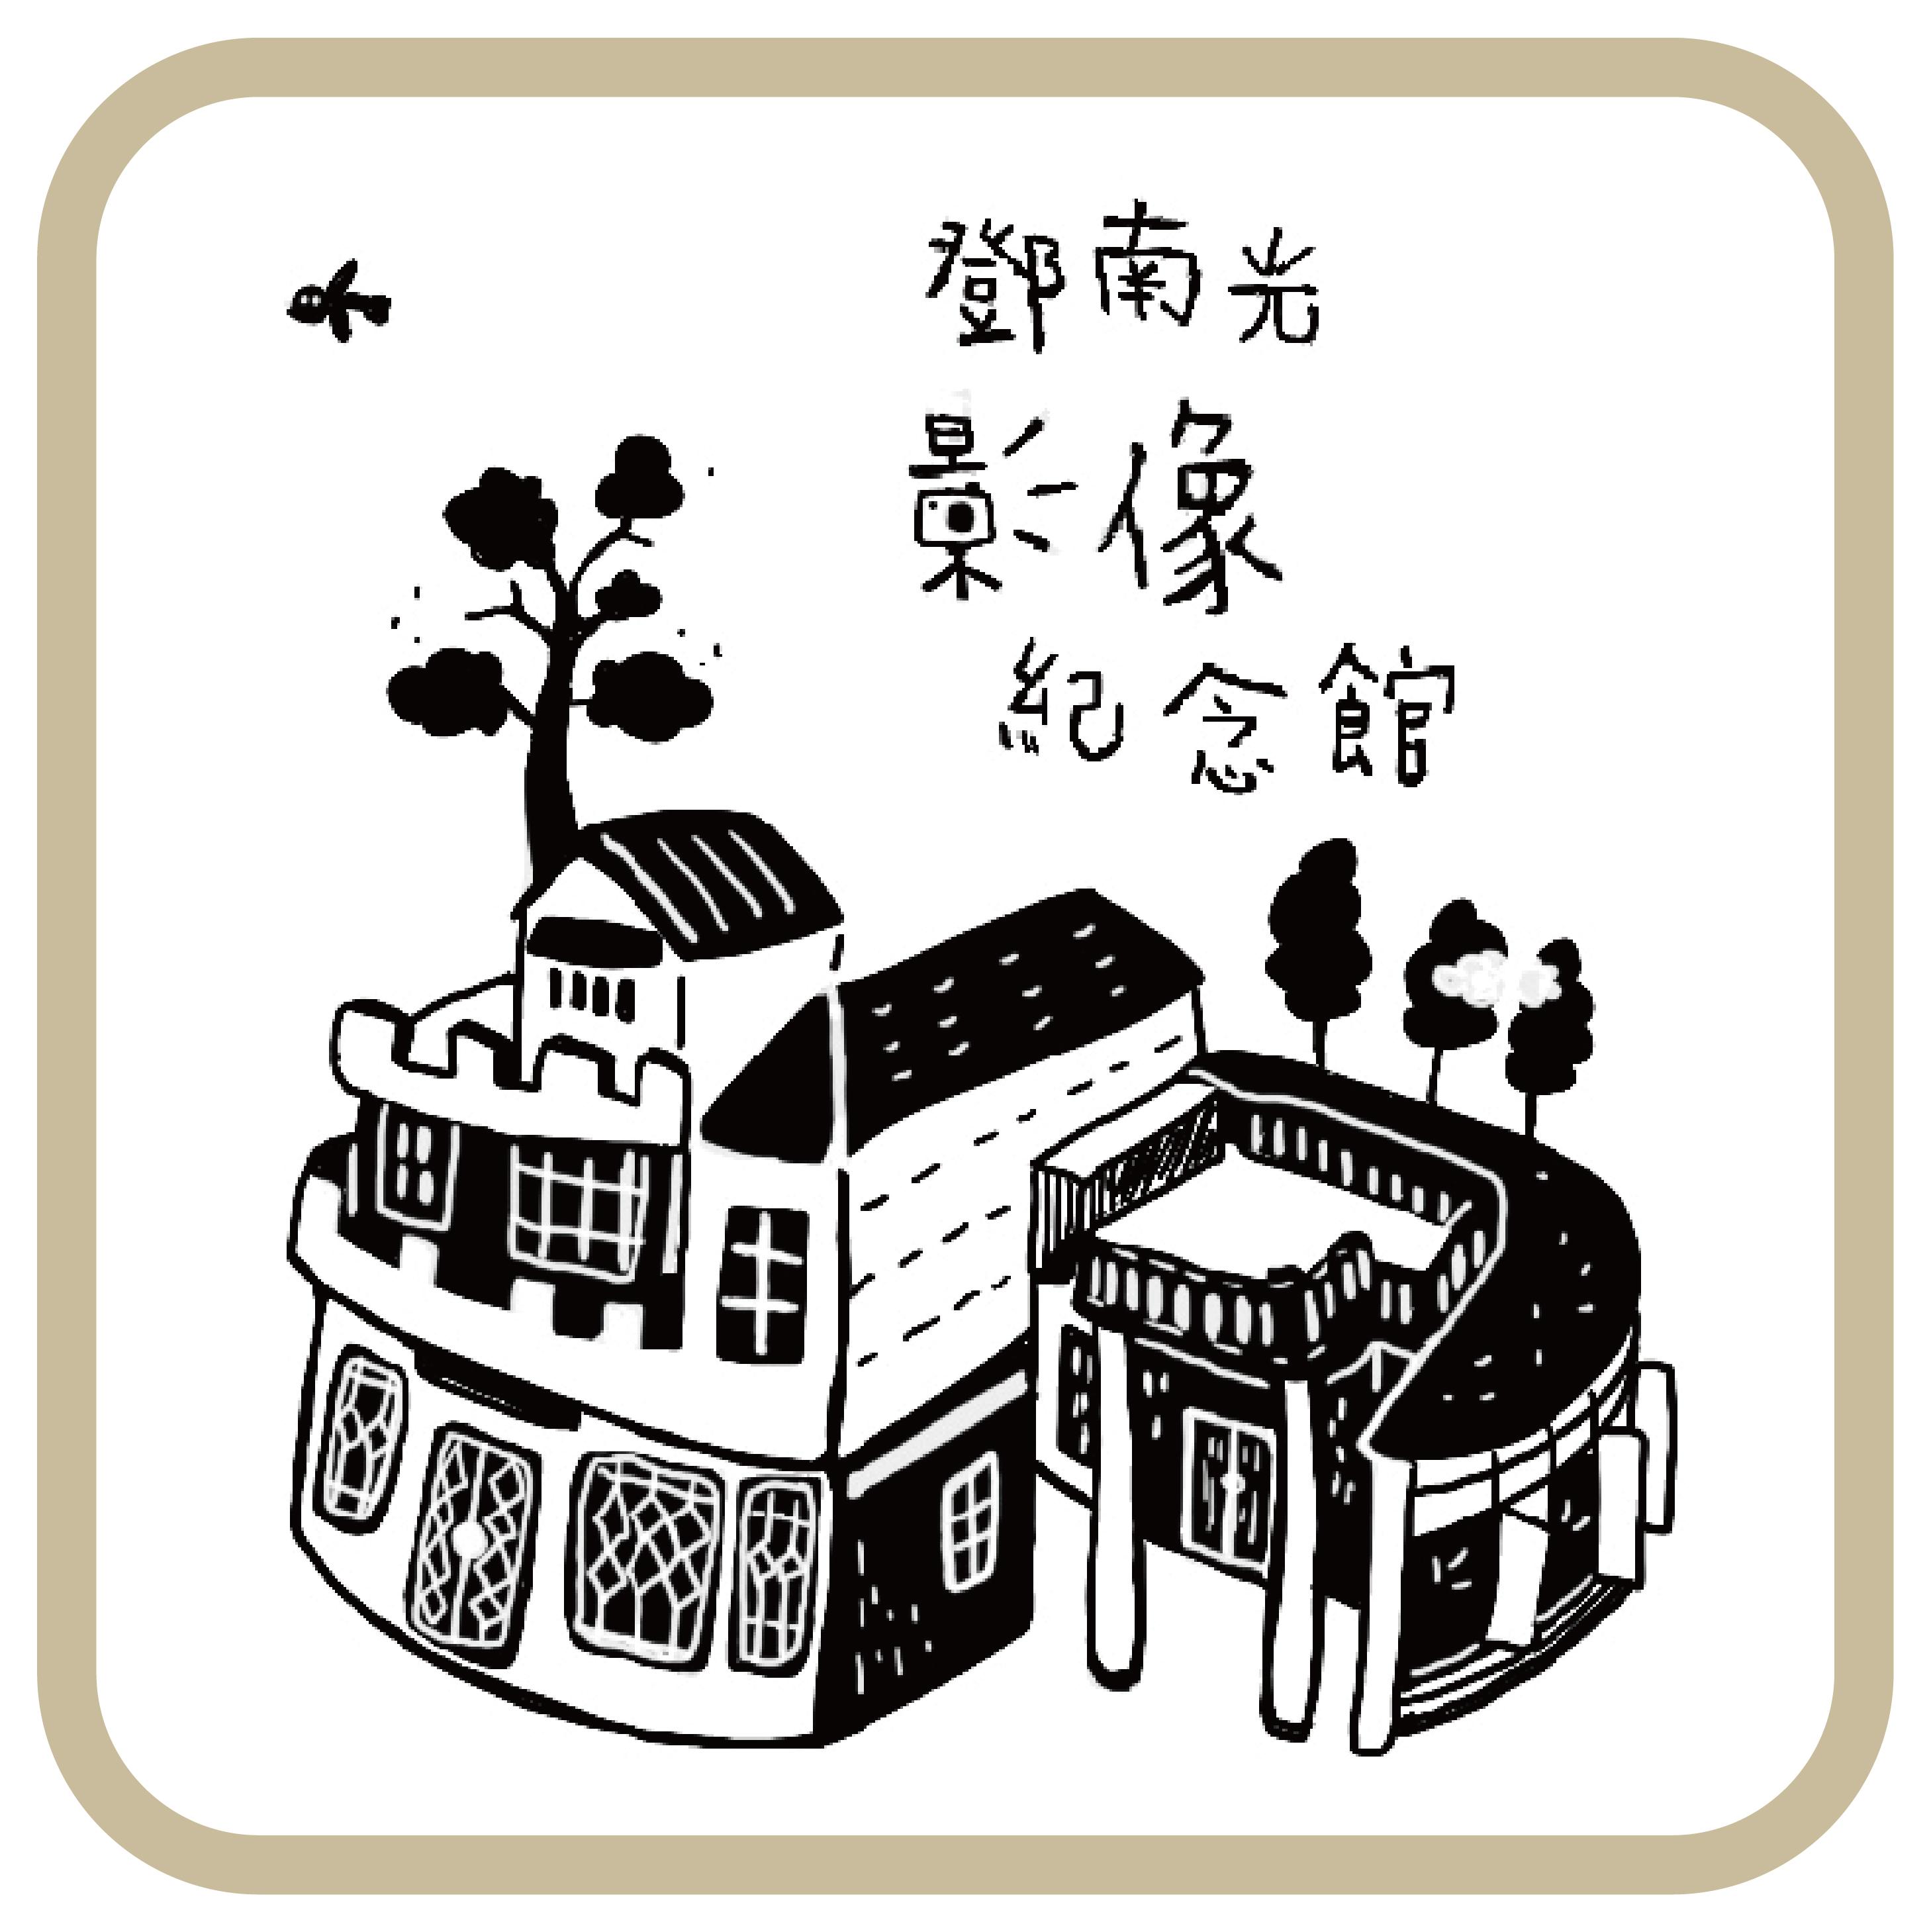 【EP04】 來北埔不要只逛老街!北埔地方文化大搜羅